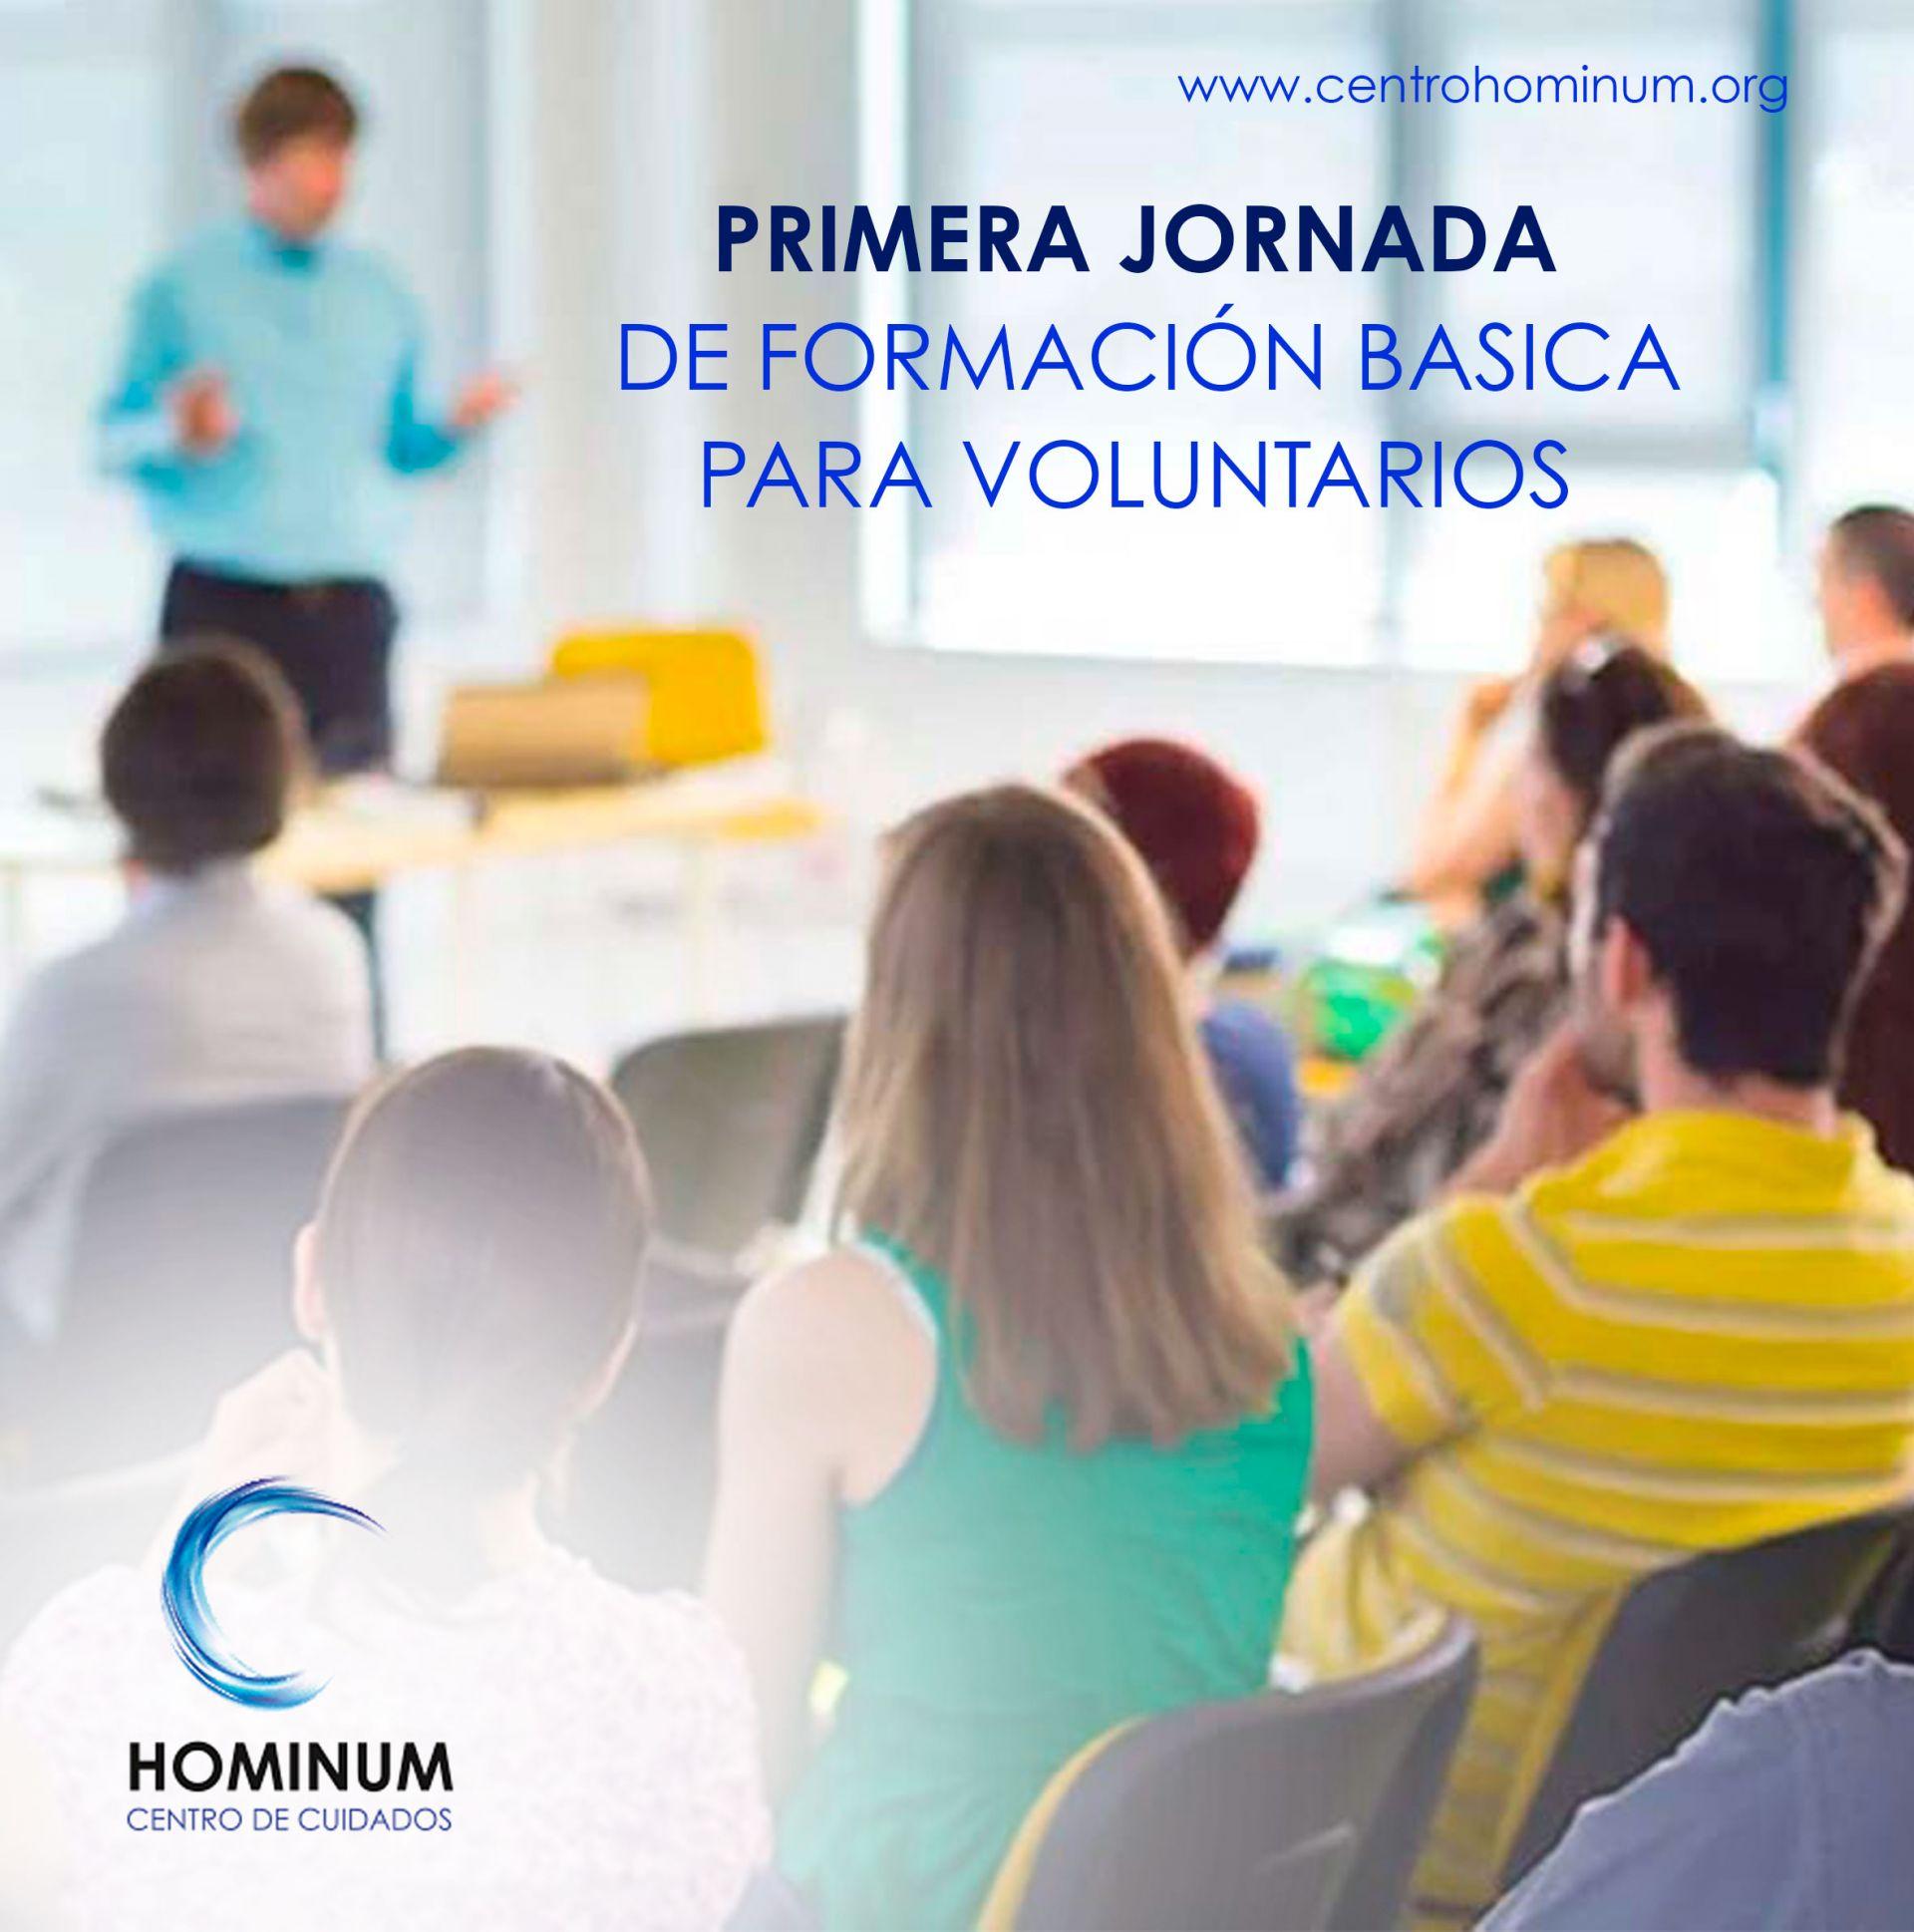 PRIMERA JORNADA DE FORMACIÓN BASICA PARA VOLUNTARIOS